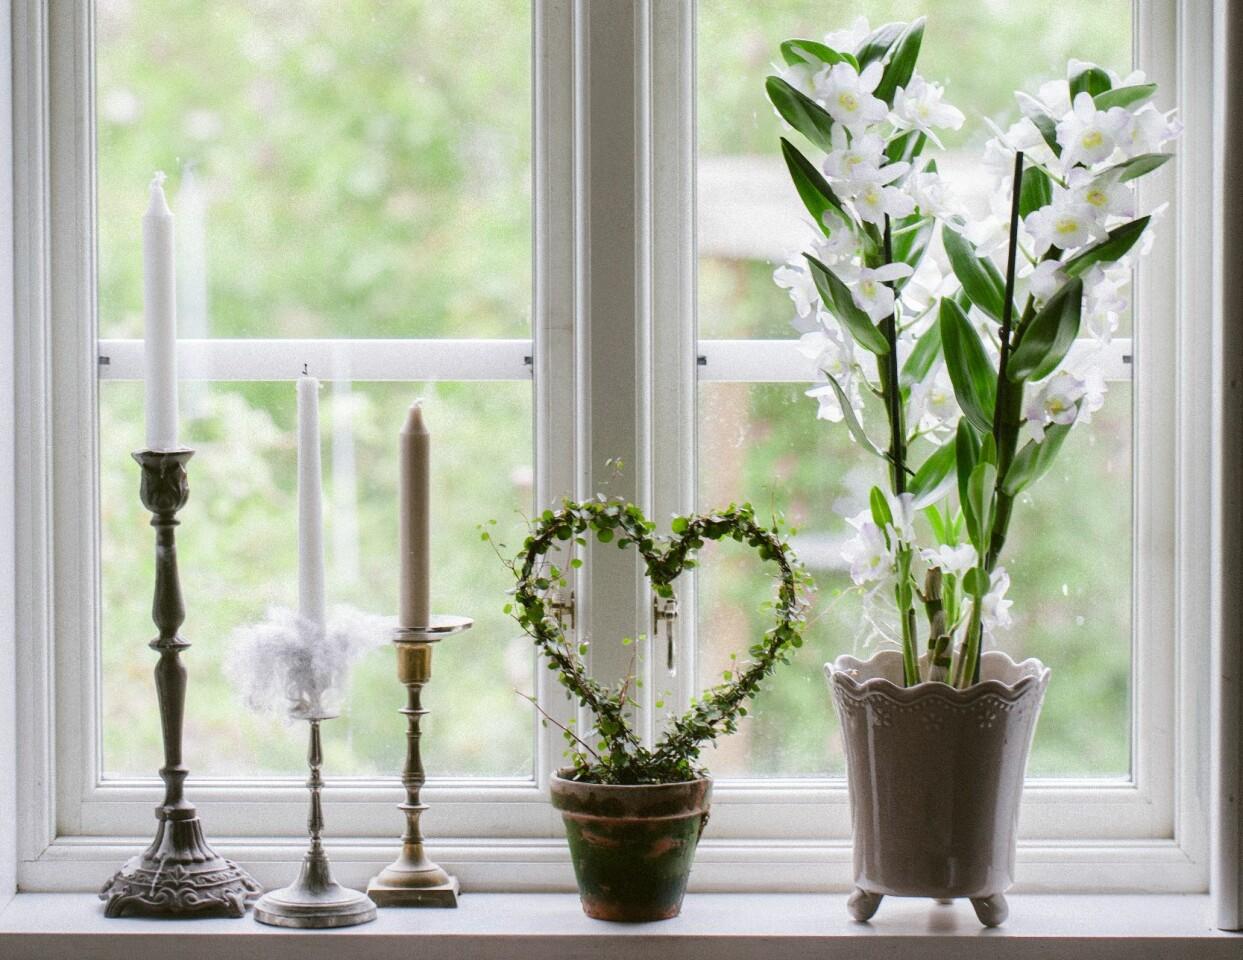 Vit orkidé i fönsterkarm tillsammans med ljus och slingeranka på båge.